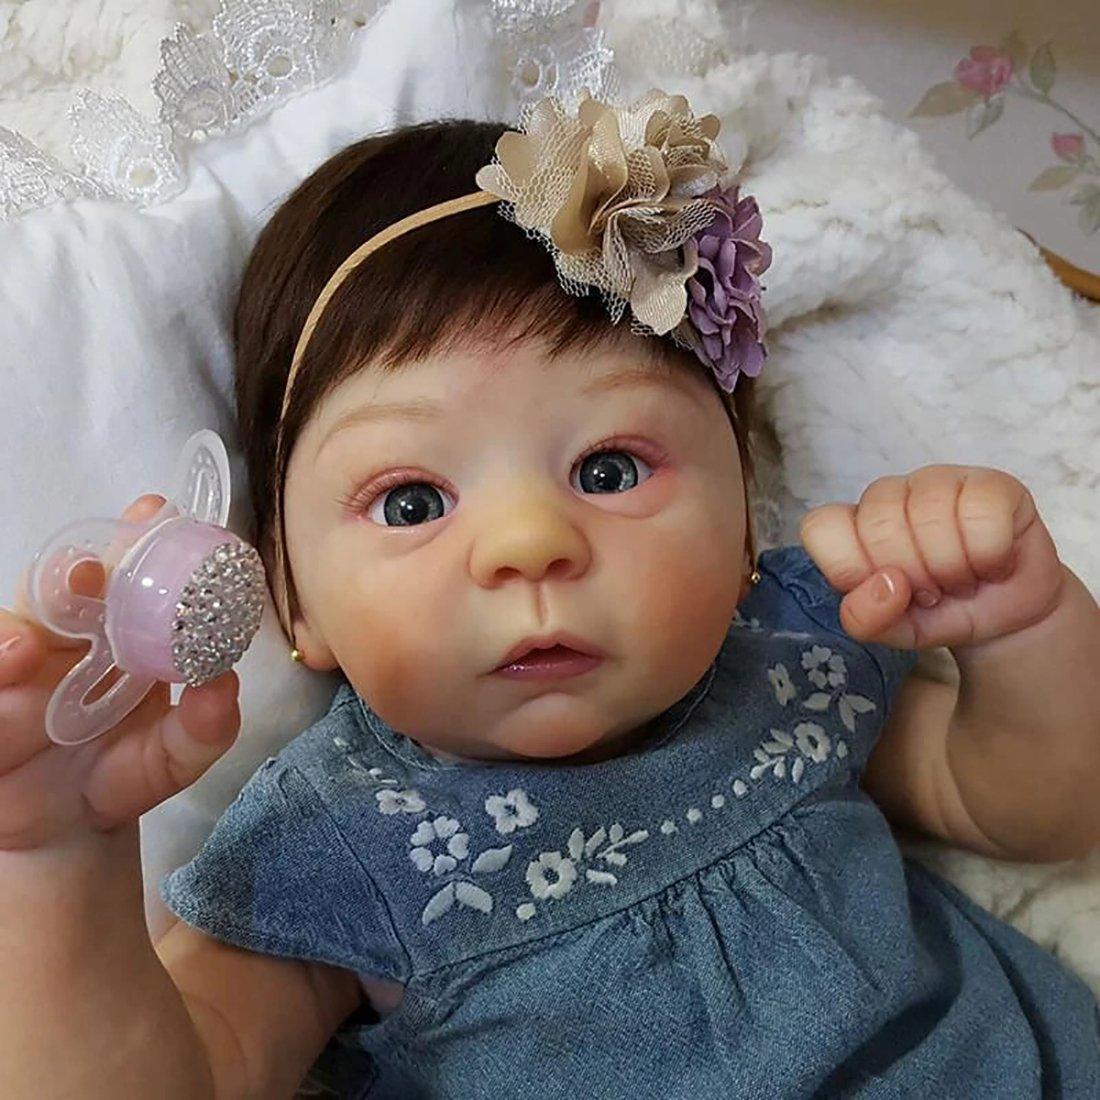 21 Pouces Mignon Corps Reborn Baby Poupées Look Real Collection Nouveau-Né Poupée pour Fille